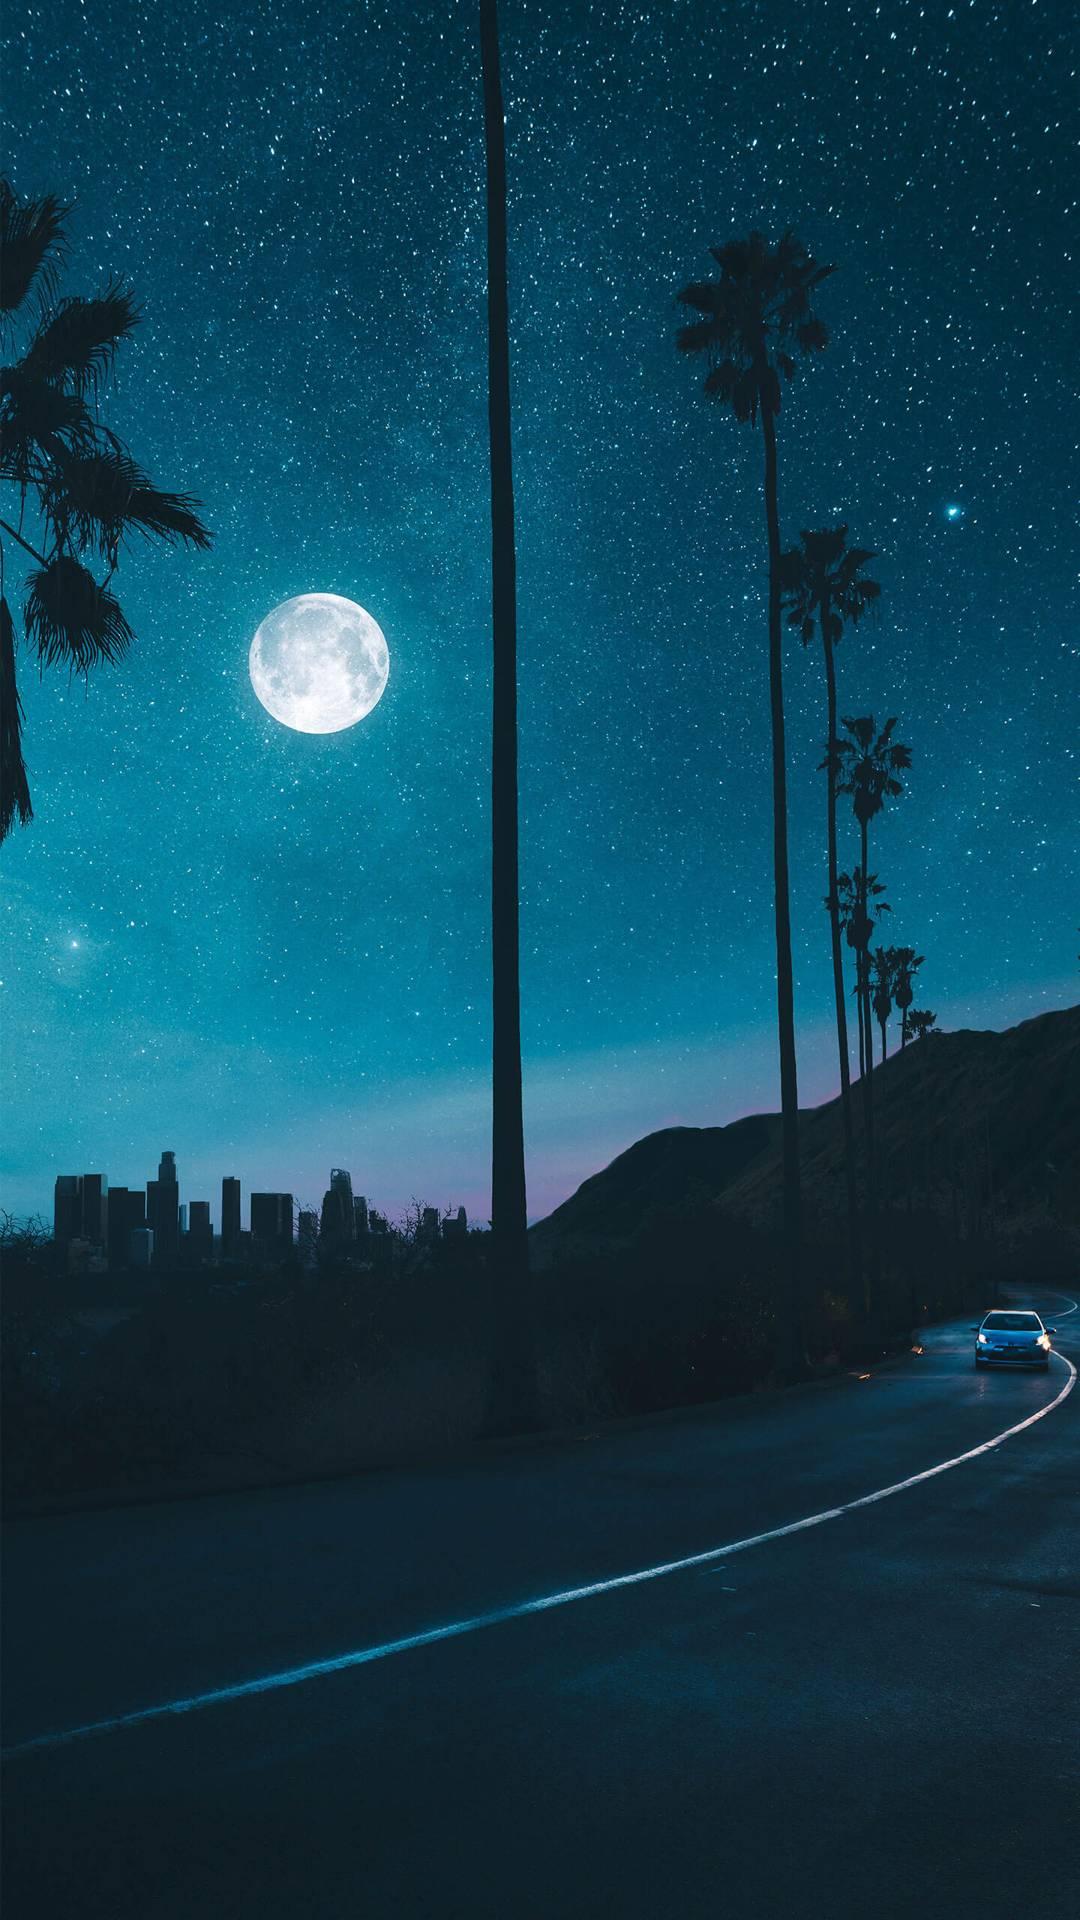 Sky Full Of Stars iPhone Wallpaper